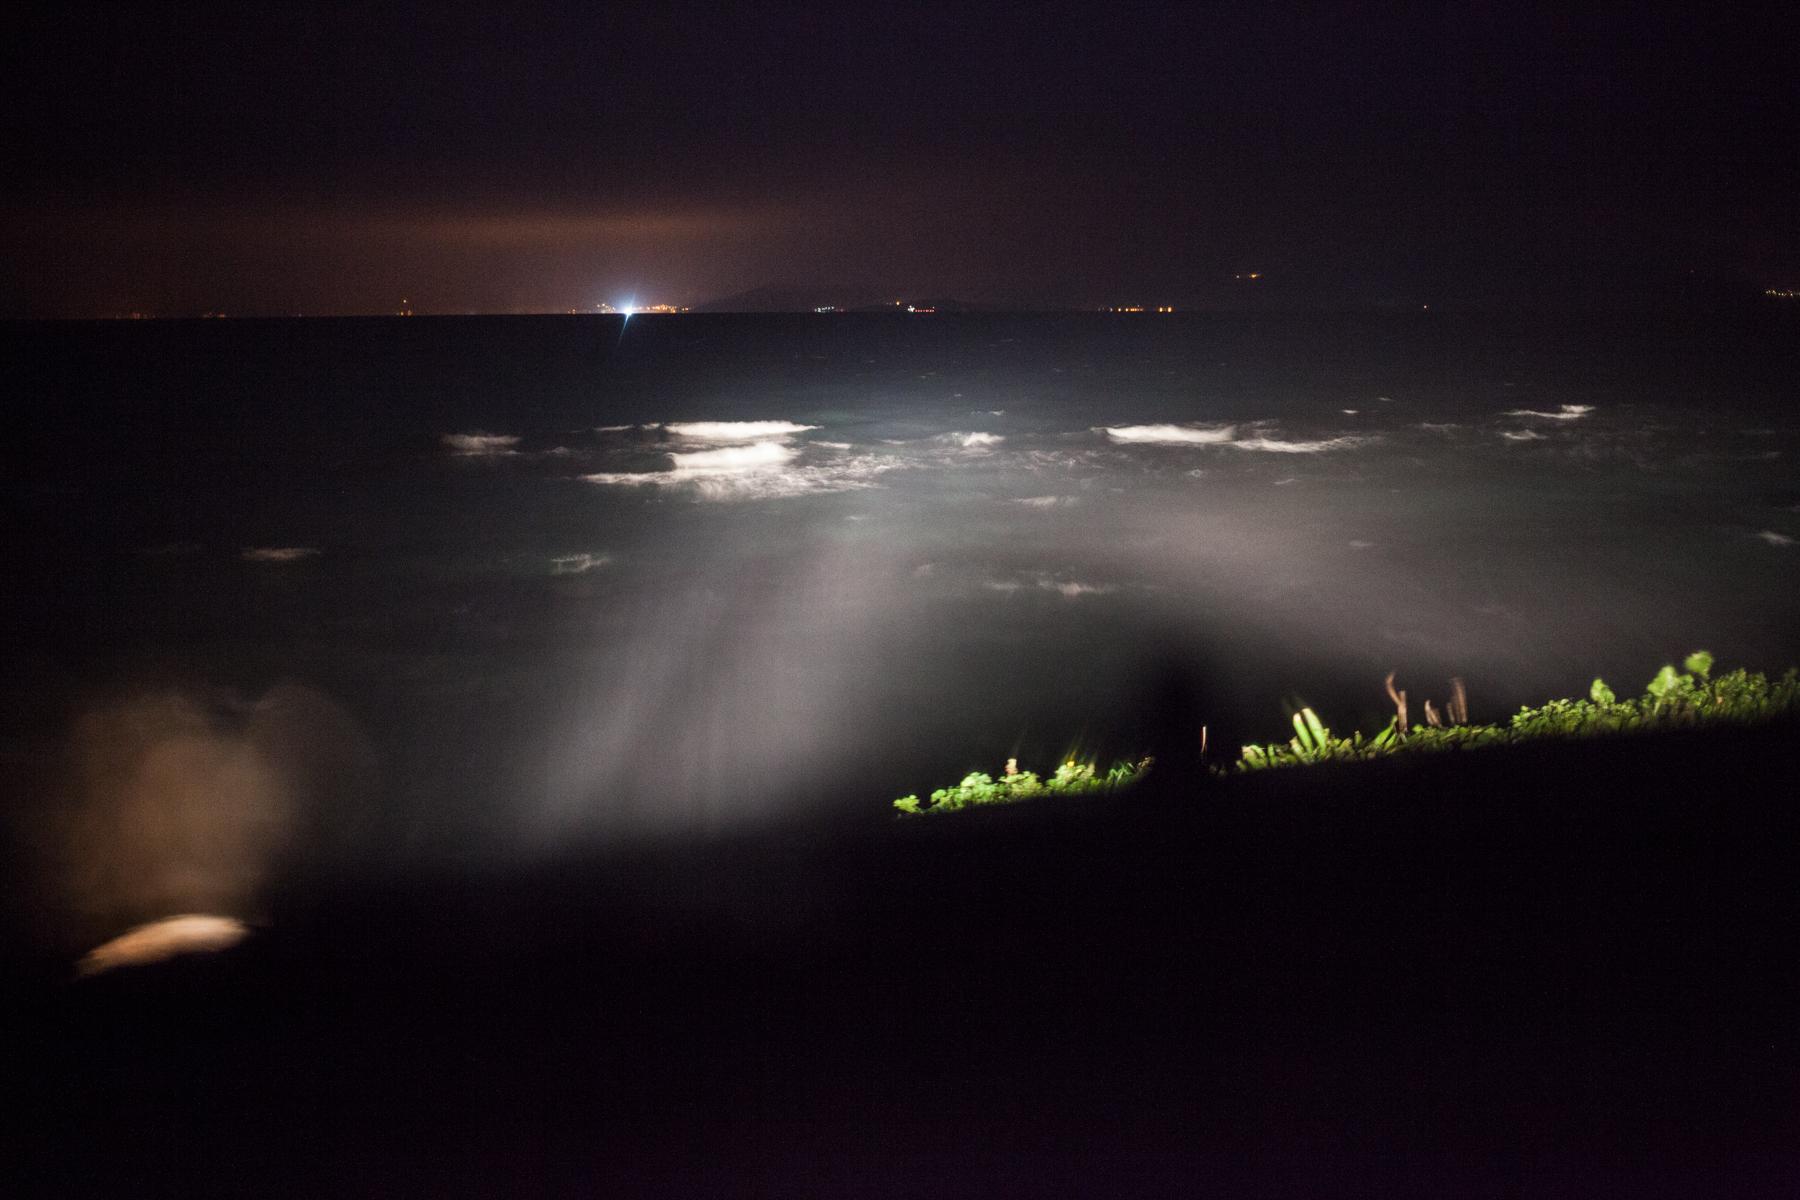 Sobald es schummrig wird richten sich Autoscheinwerfer auf die Meeresenge zwischen der Türkei und Griechenland. Gewartet wird auf das Signal einer Taschenlampe, das Helfer in Alarmbereitschaft versetzt. Eine Überfahrt dauert zwischen 3 - 8 Stunden.